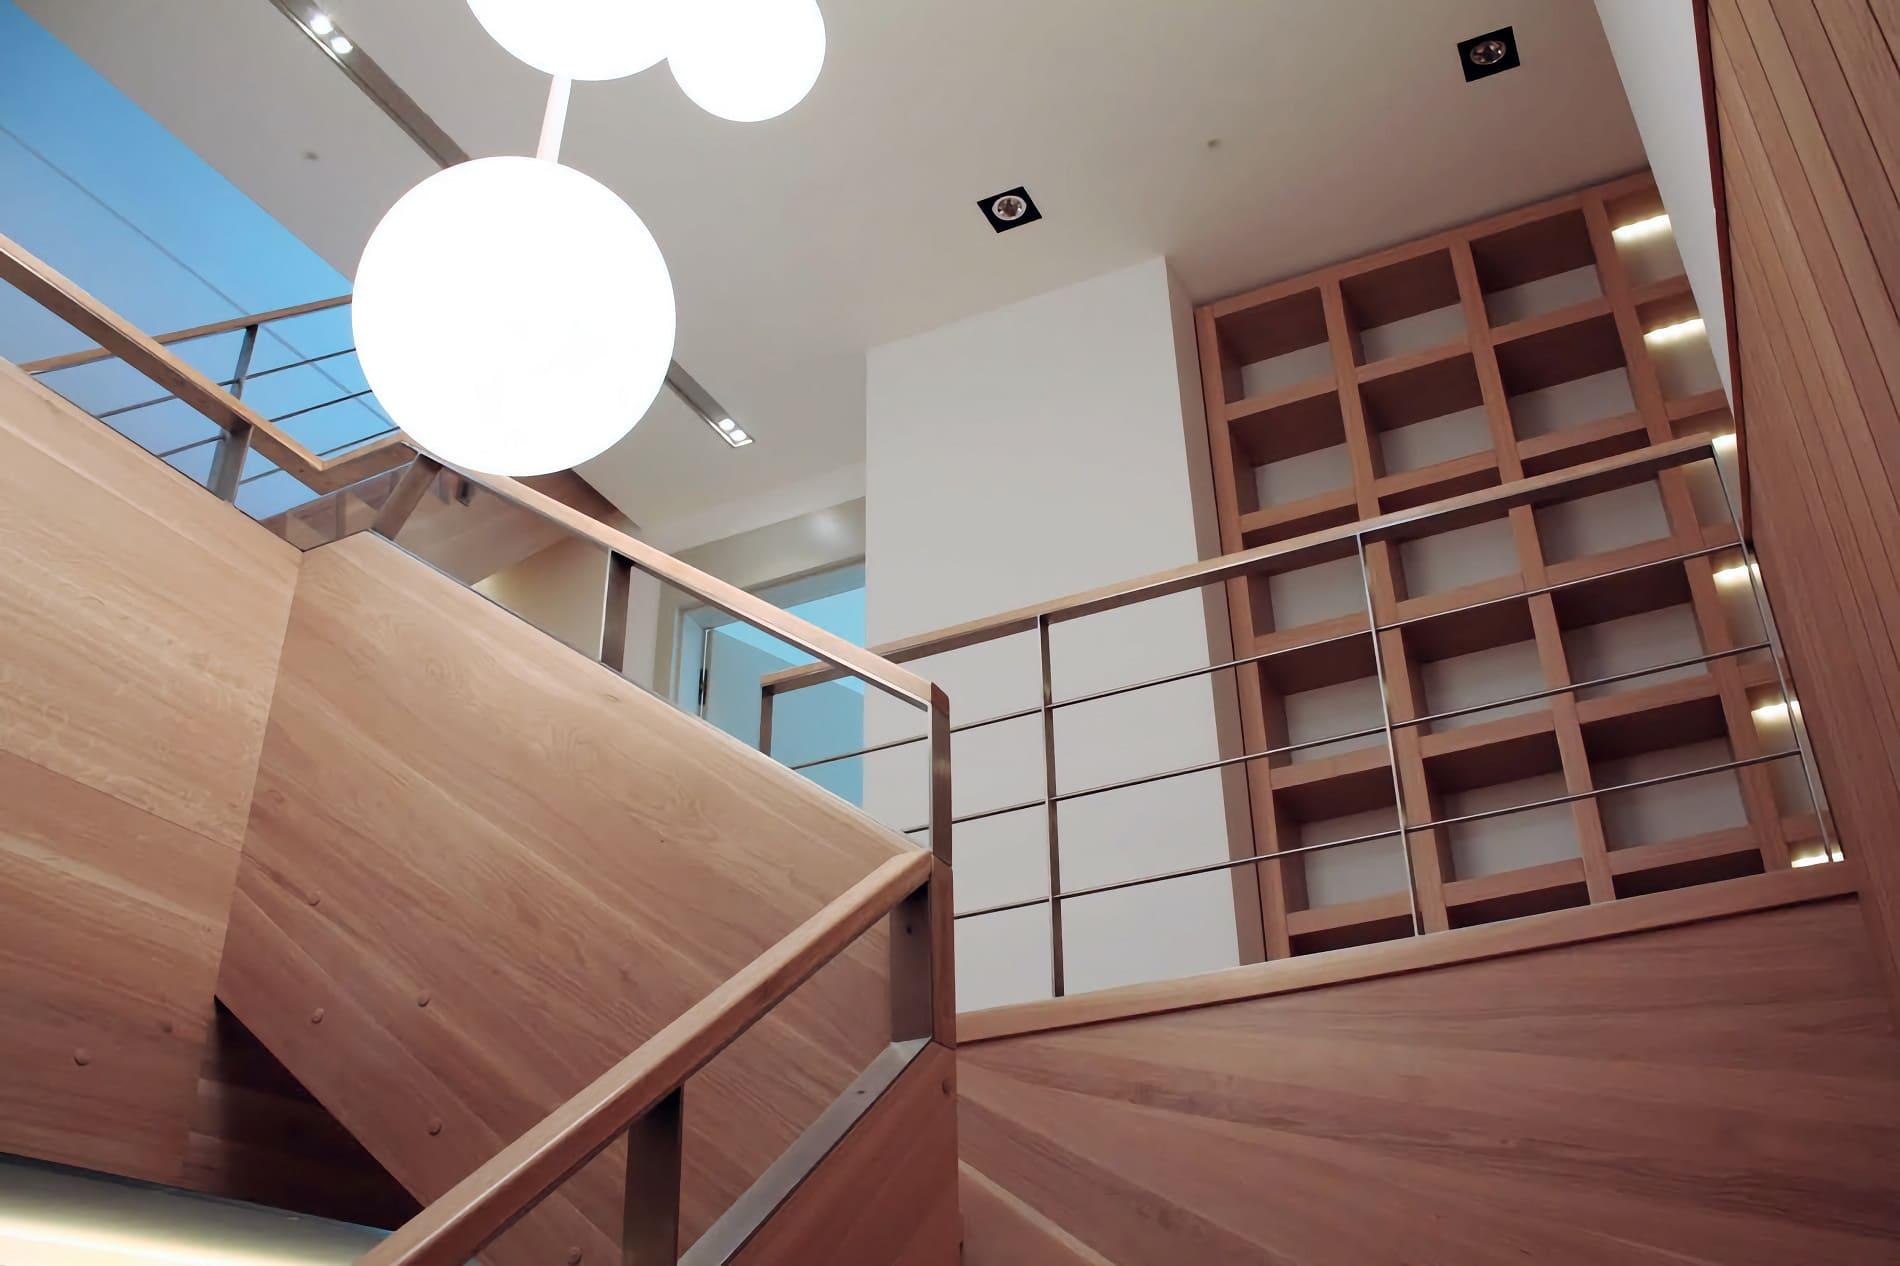 projekt architektoniczny wnętrza Rezydencja we Wrocławiu - projektowanie wnętrz Prima Wrocław